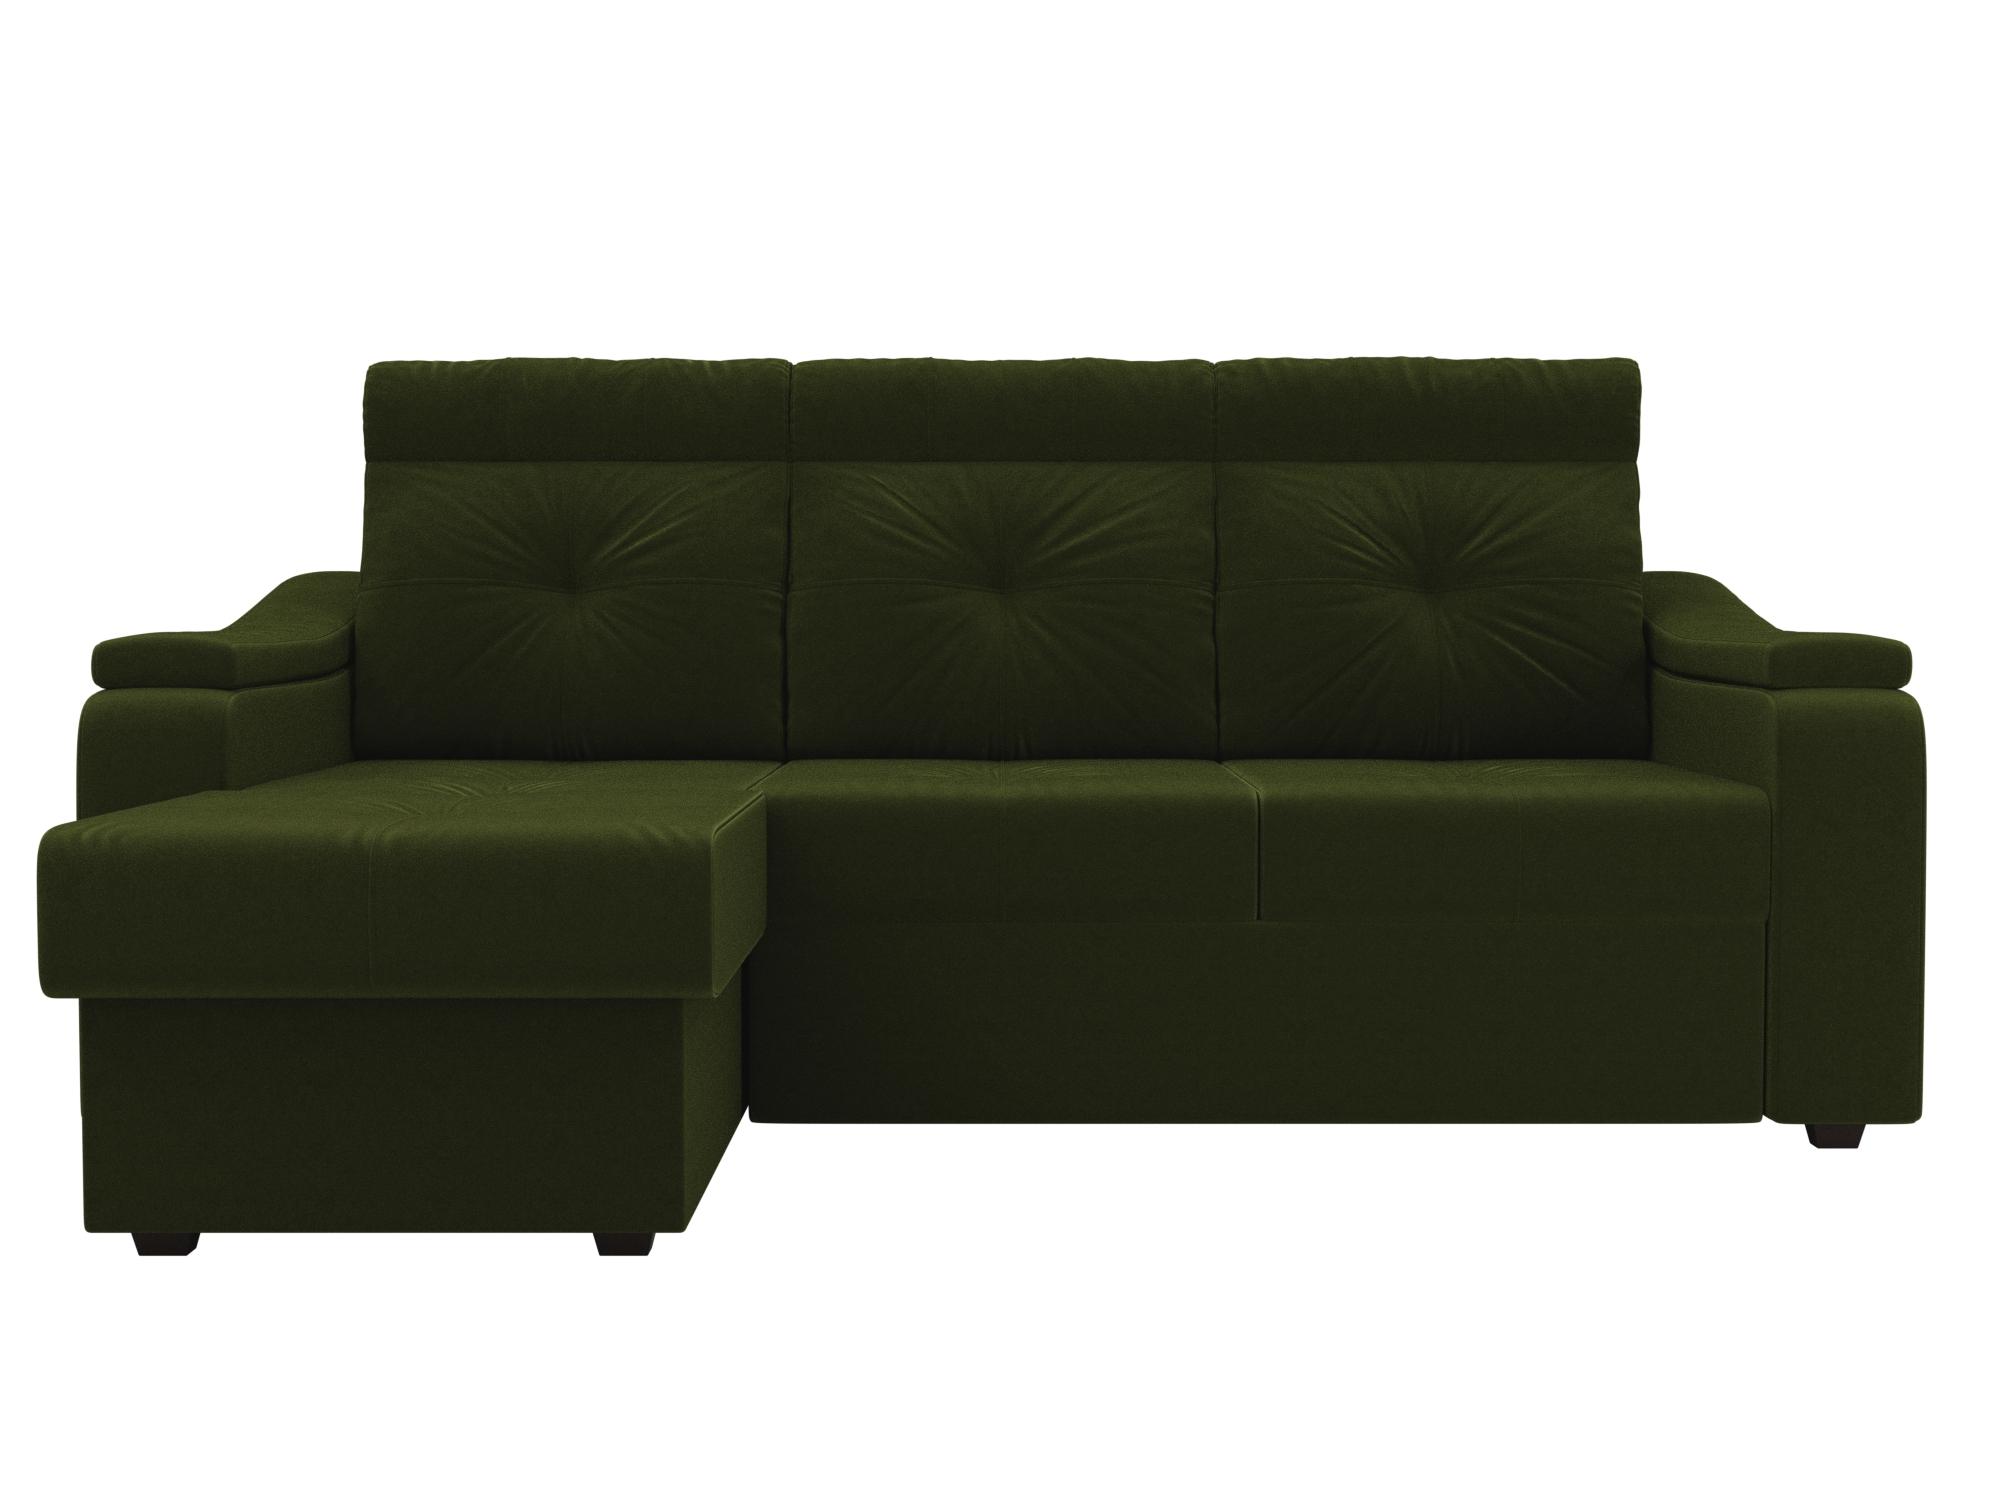 Угловой диван Джастин Левый MebelVia Зеленый, Микровельвет, ЛДСП угловой диван милфорд левый mebelvia зеленый микровельвет лдсп